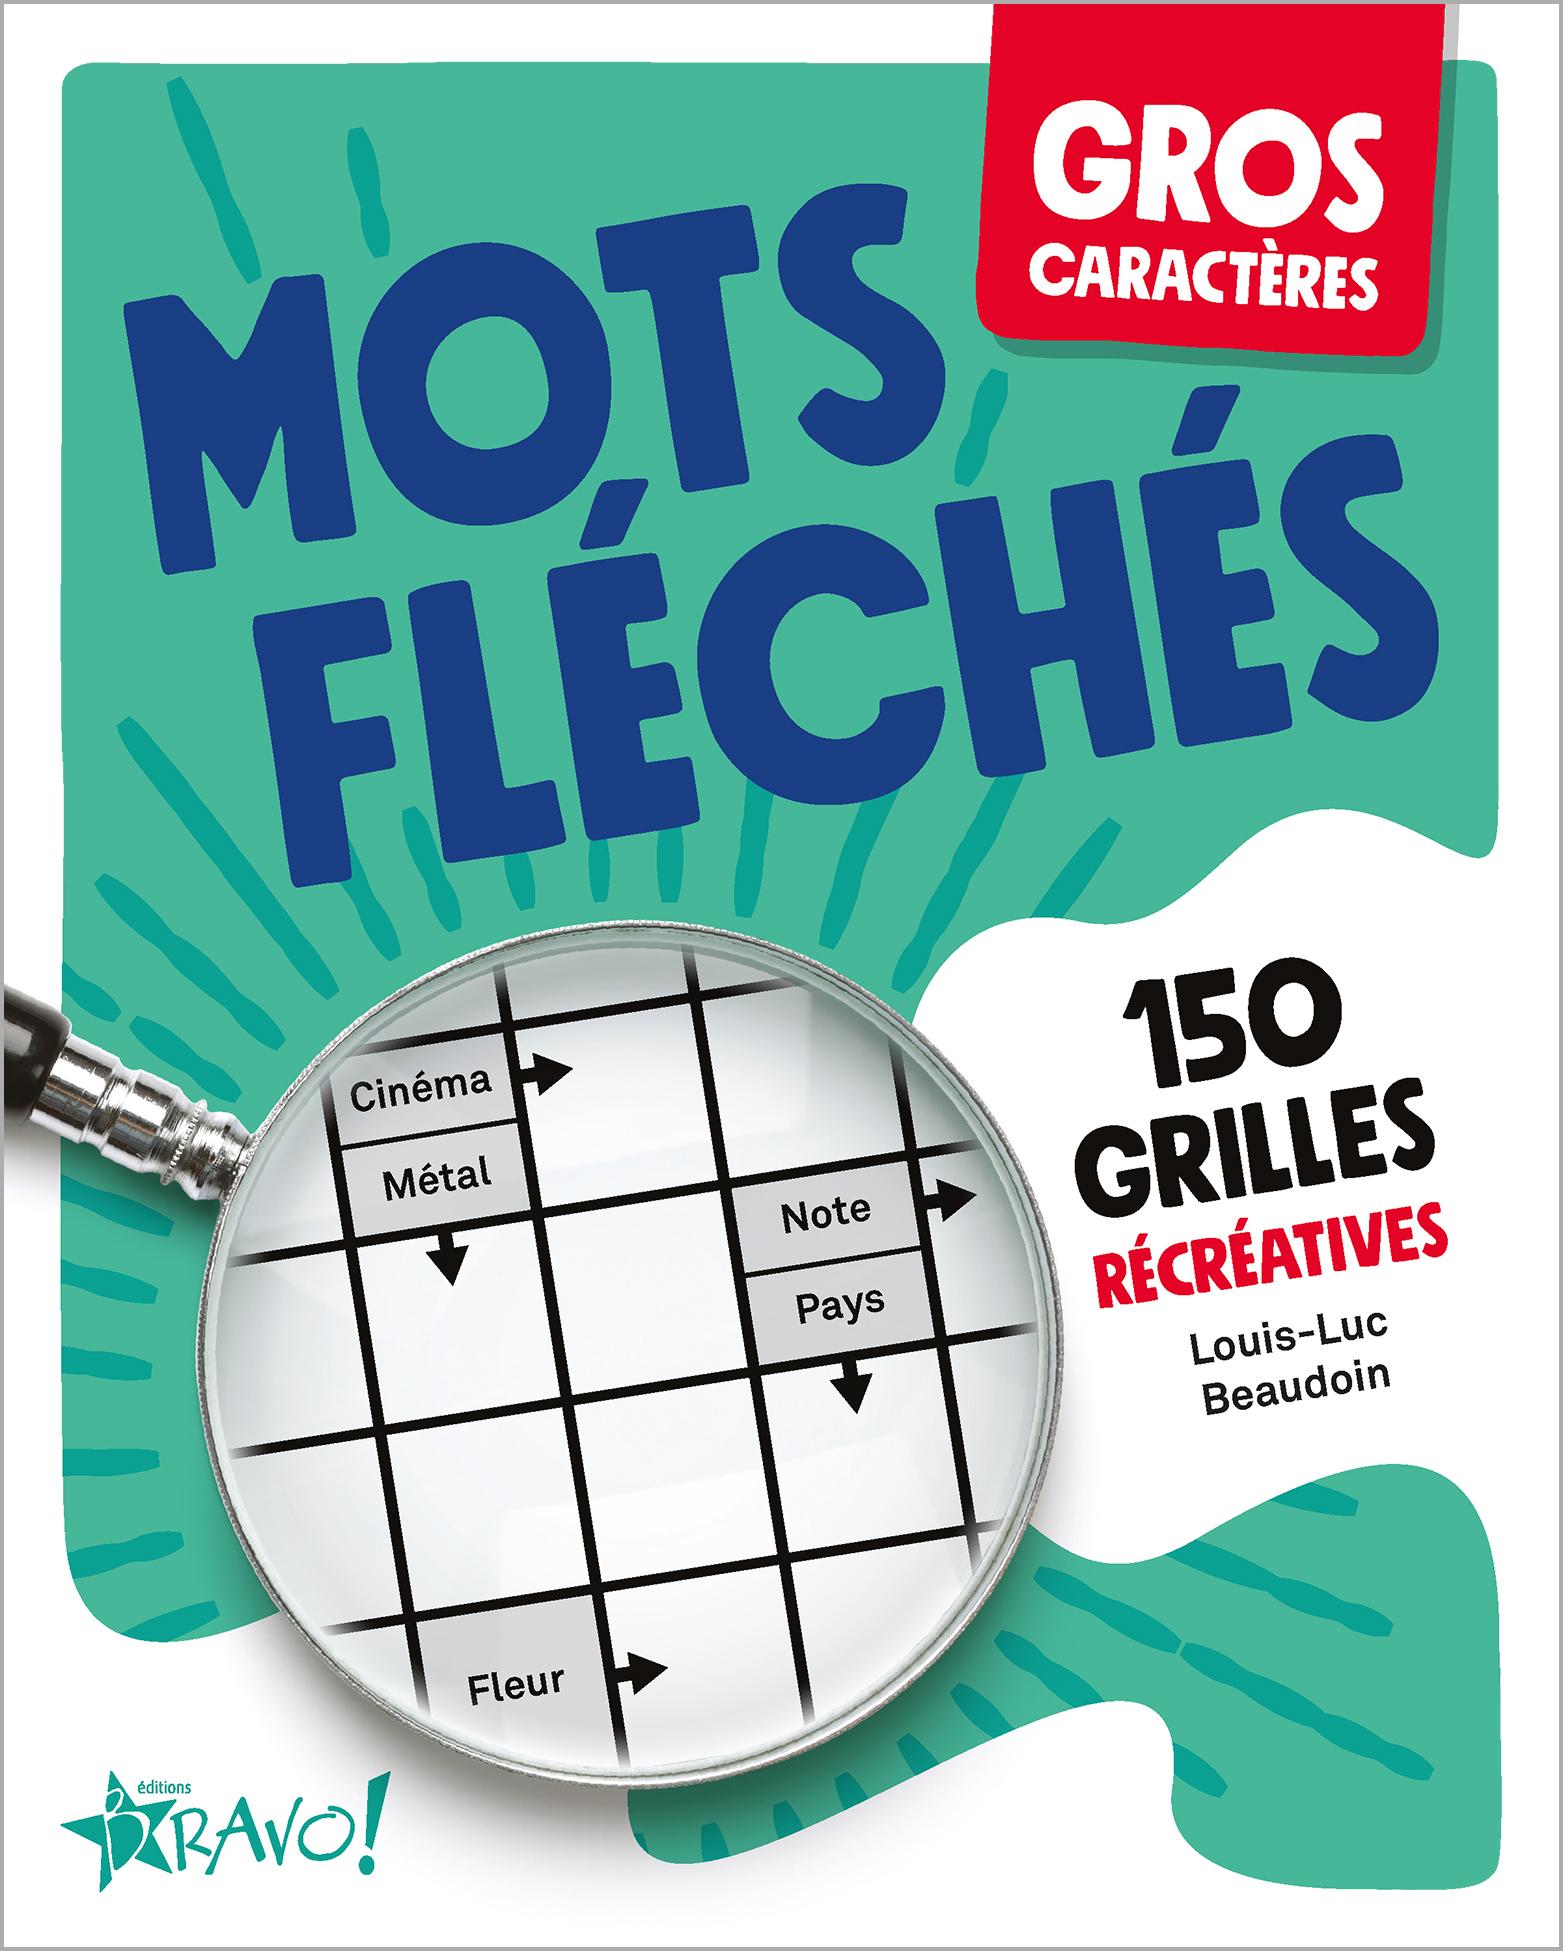 Poche De Hamster Mots Fleches : poche, hamster, fleches, Caractères, Fléchés, Louis-Luc, Beaudoin, Éditions, Bravo!